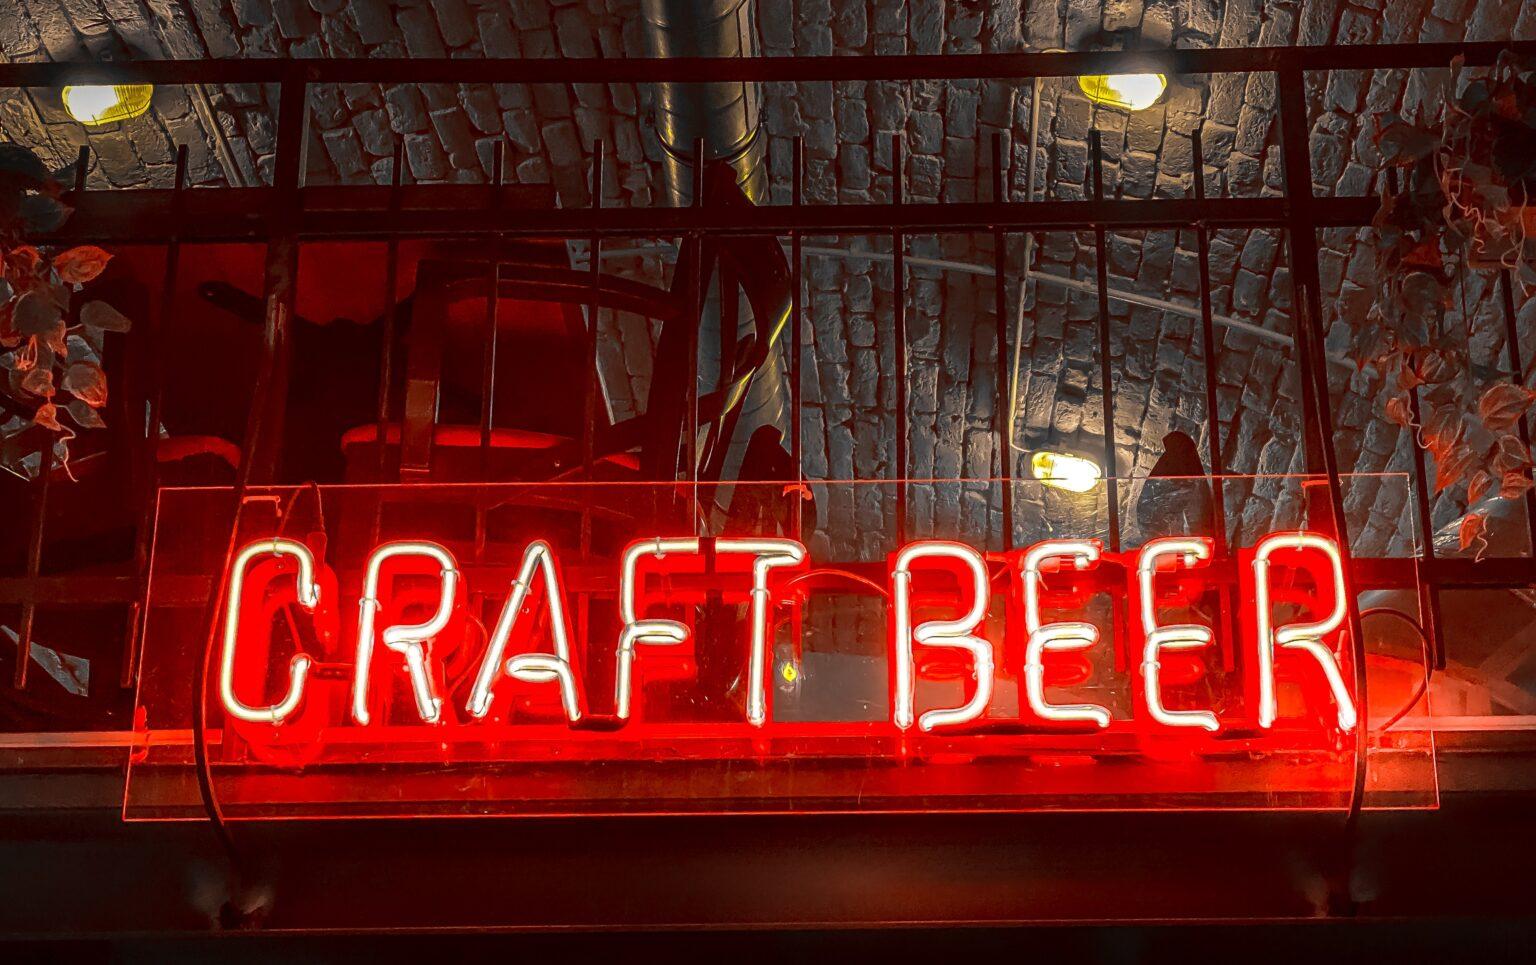 クラフトビール種類別人気ランキング【ビール好き100人にガチアンケート】